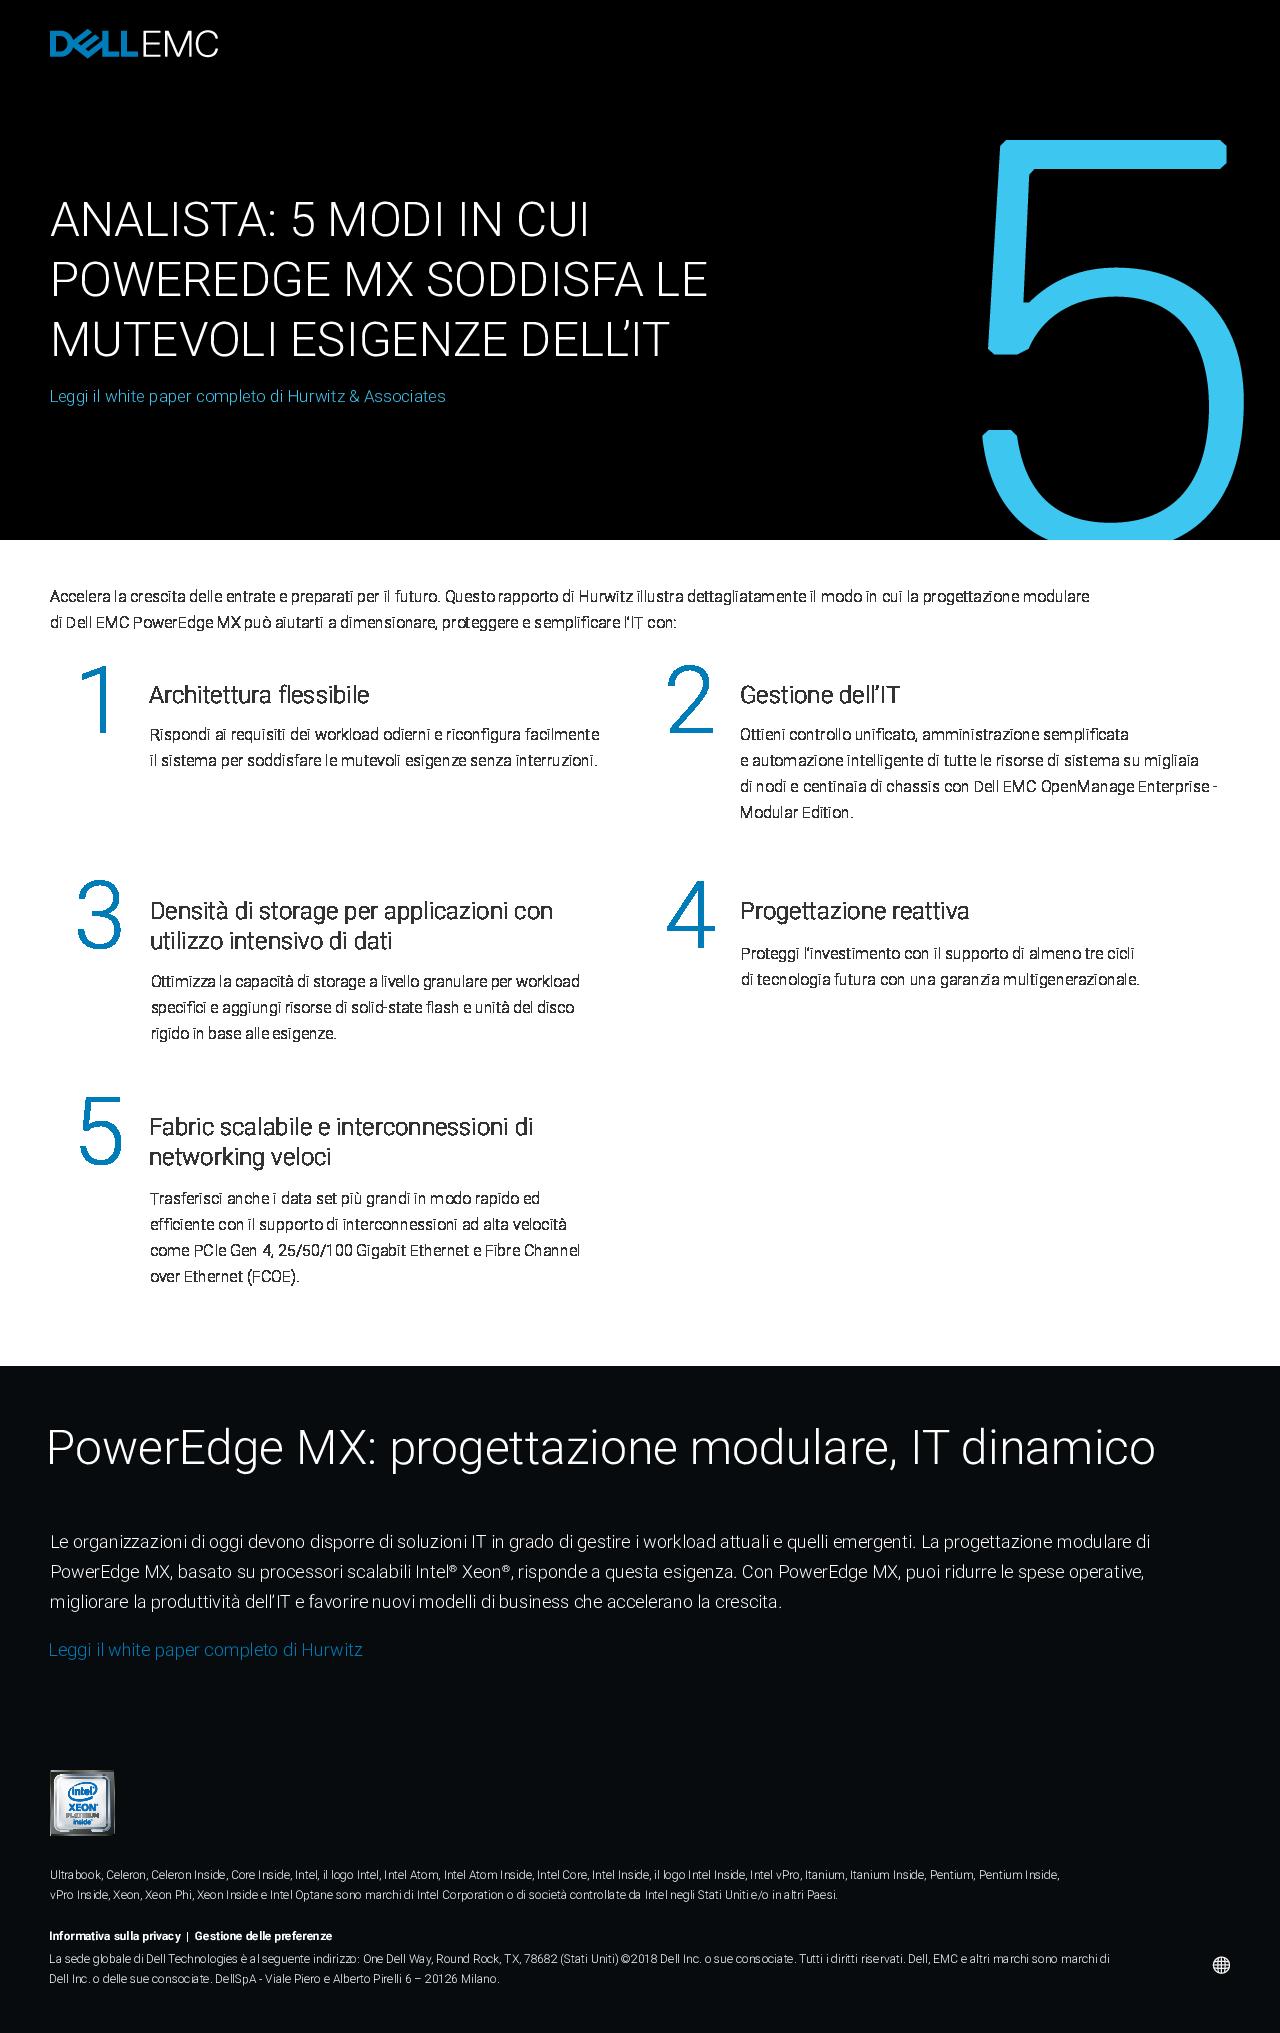 Thumb original dellemc 5 ways poweredge mx meets changing it demands it